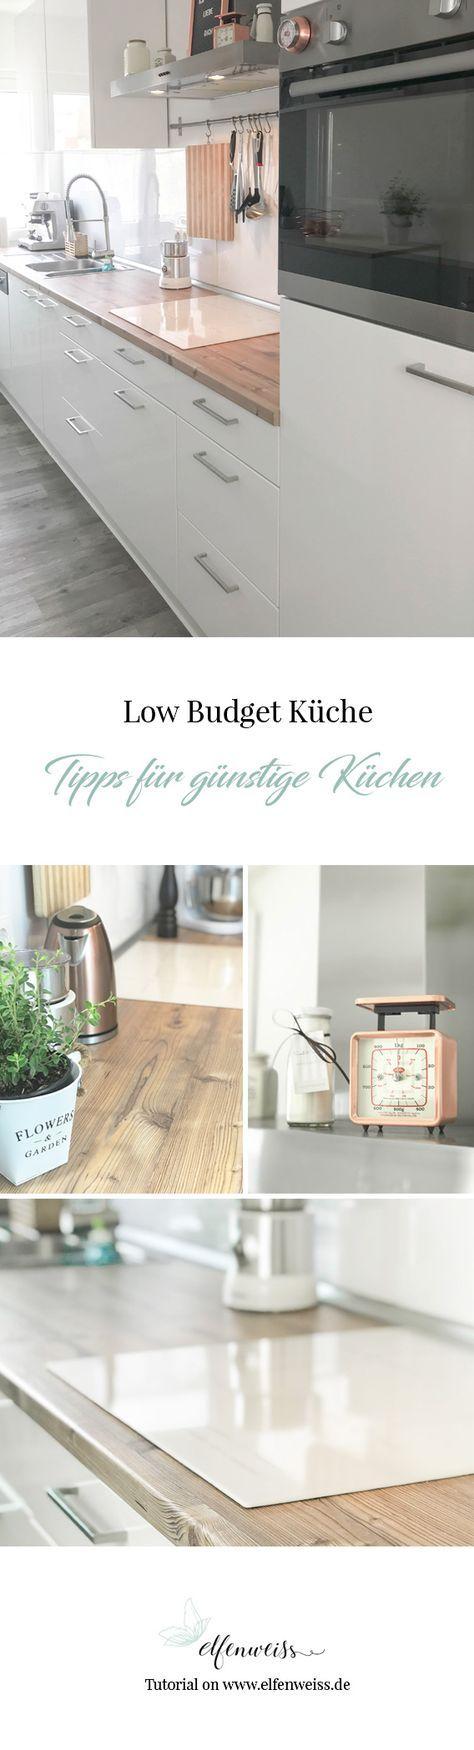 Charmant Küche Renovieren Kleines Budget Bilder - Ideen Für Die ...